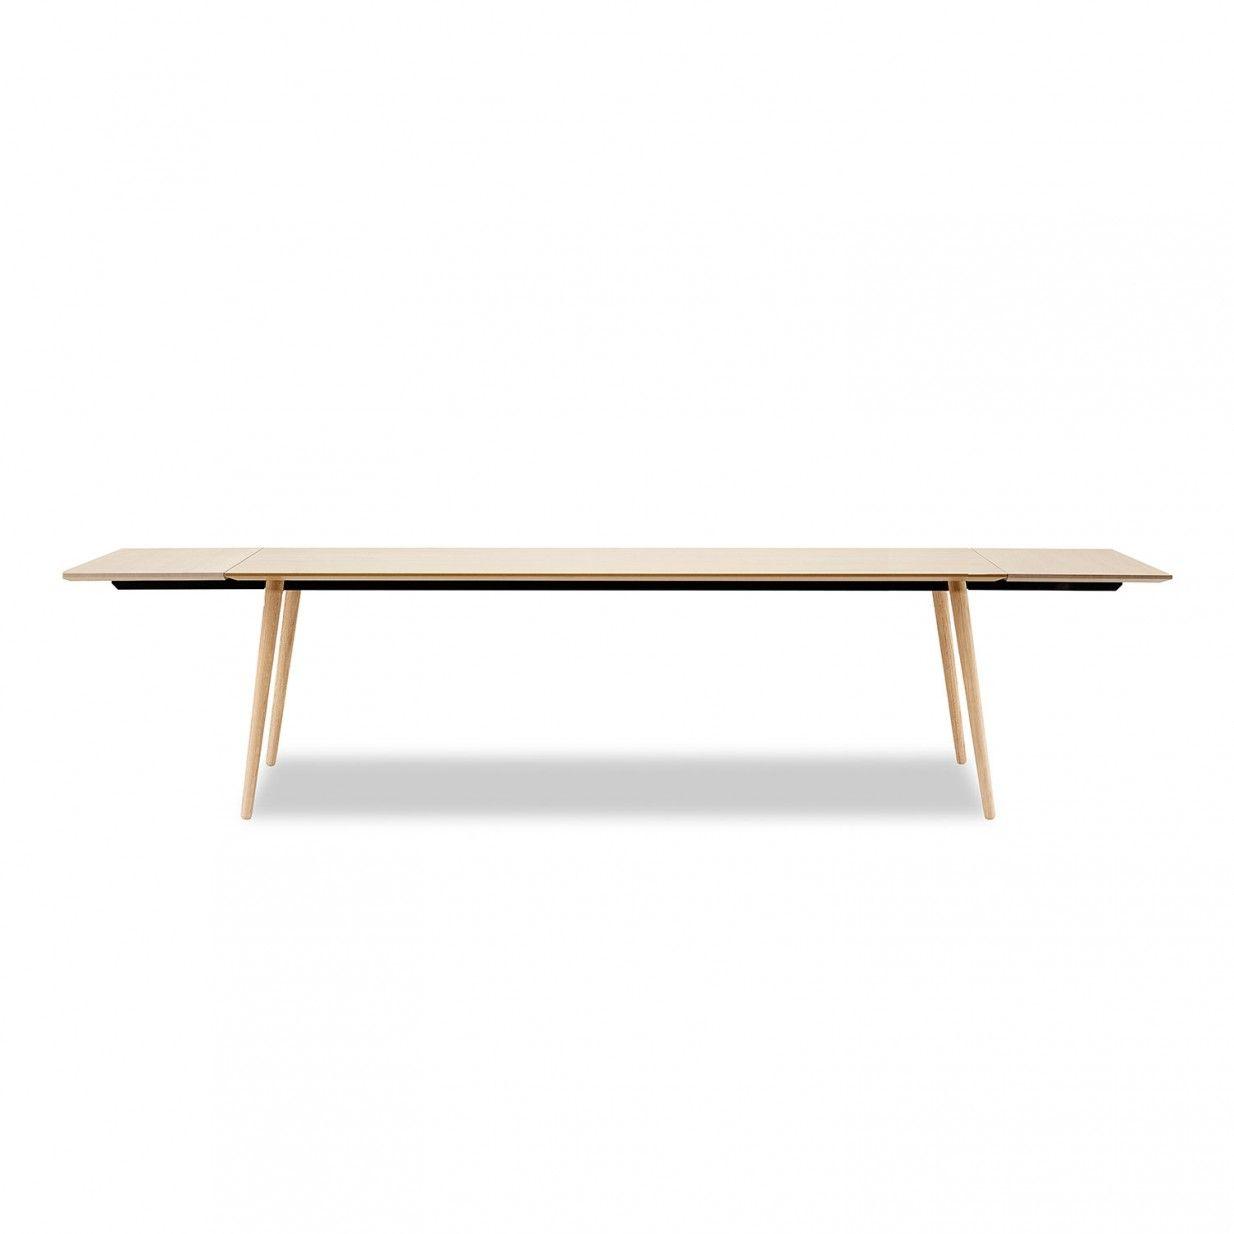 95x220 asbjorn esstisch | dorte design | esstisch, tisch, design